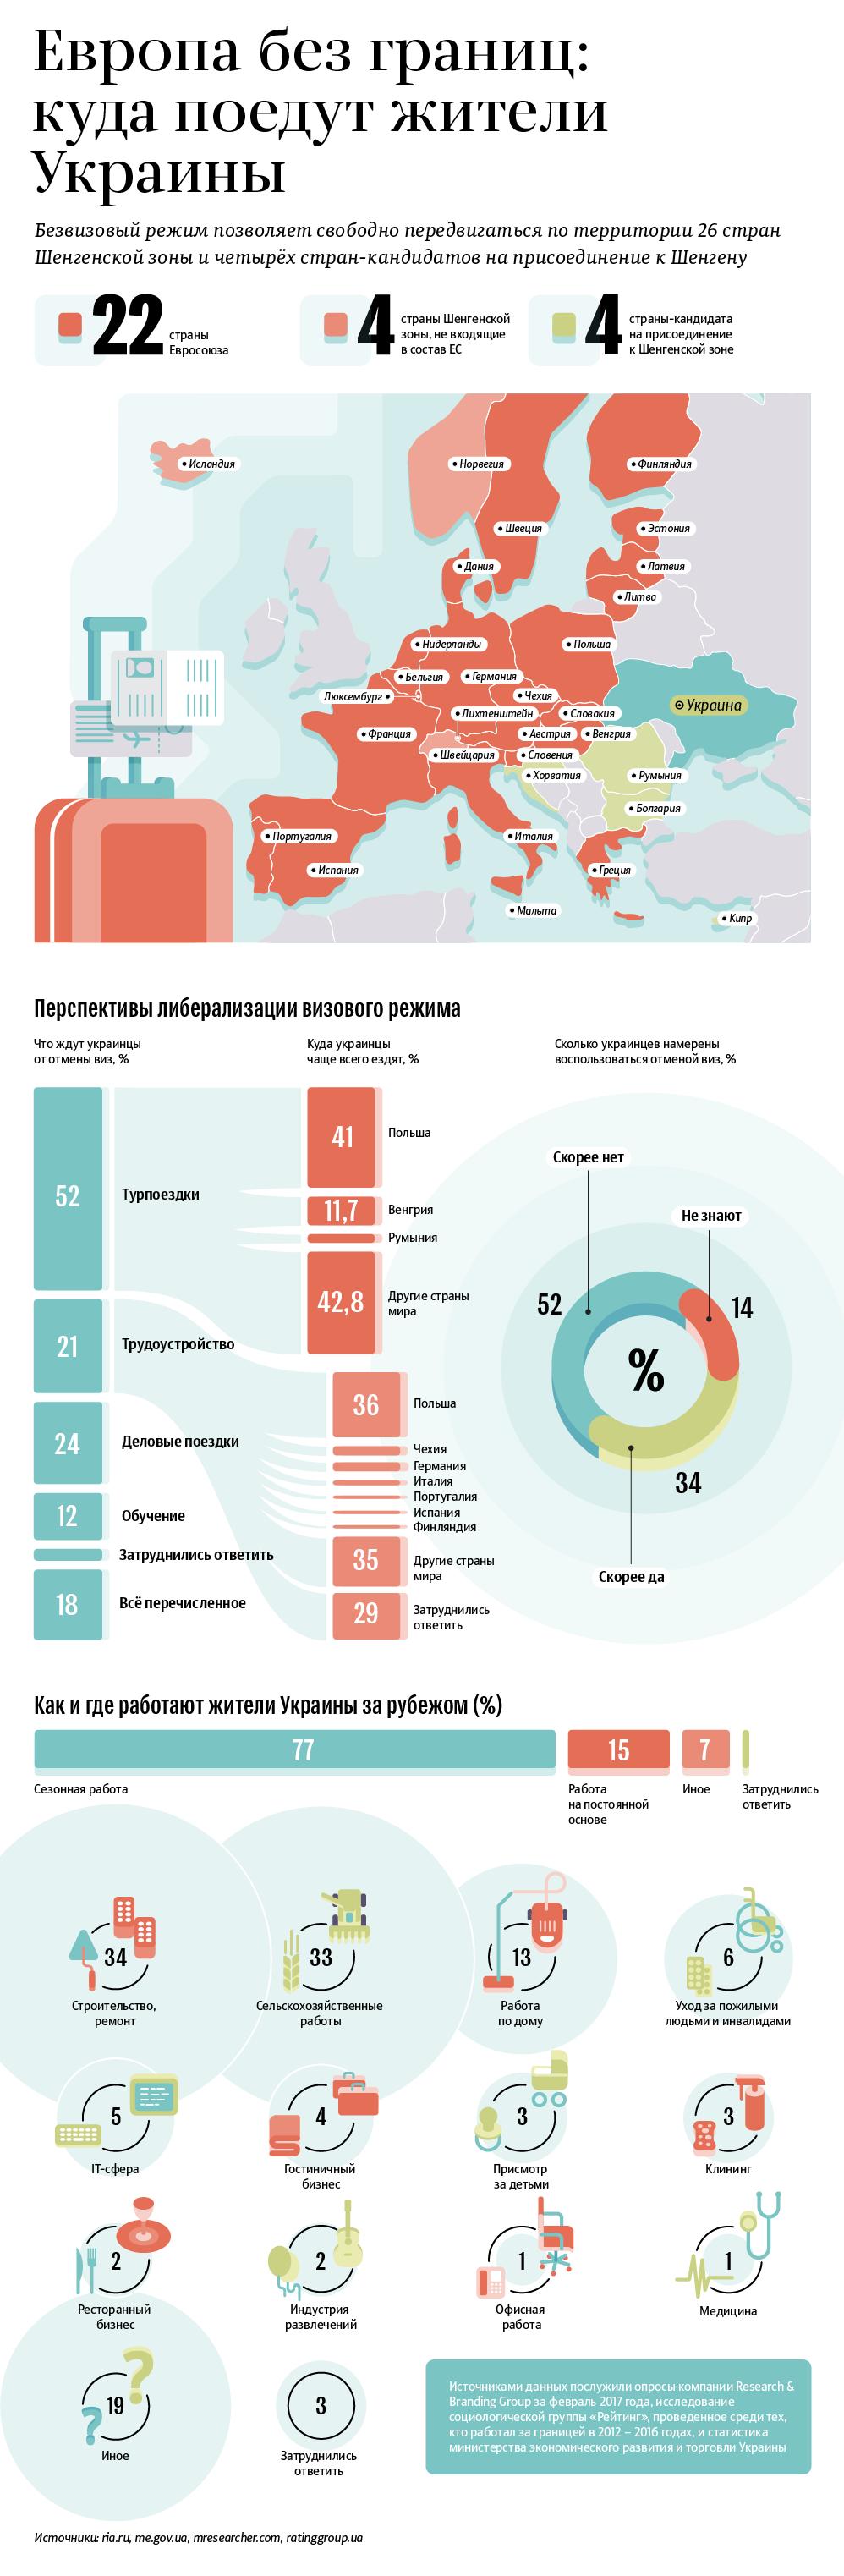 Безвизовый режим между Евросоюзом и Украиной